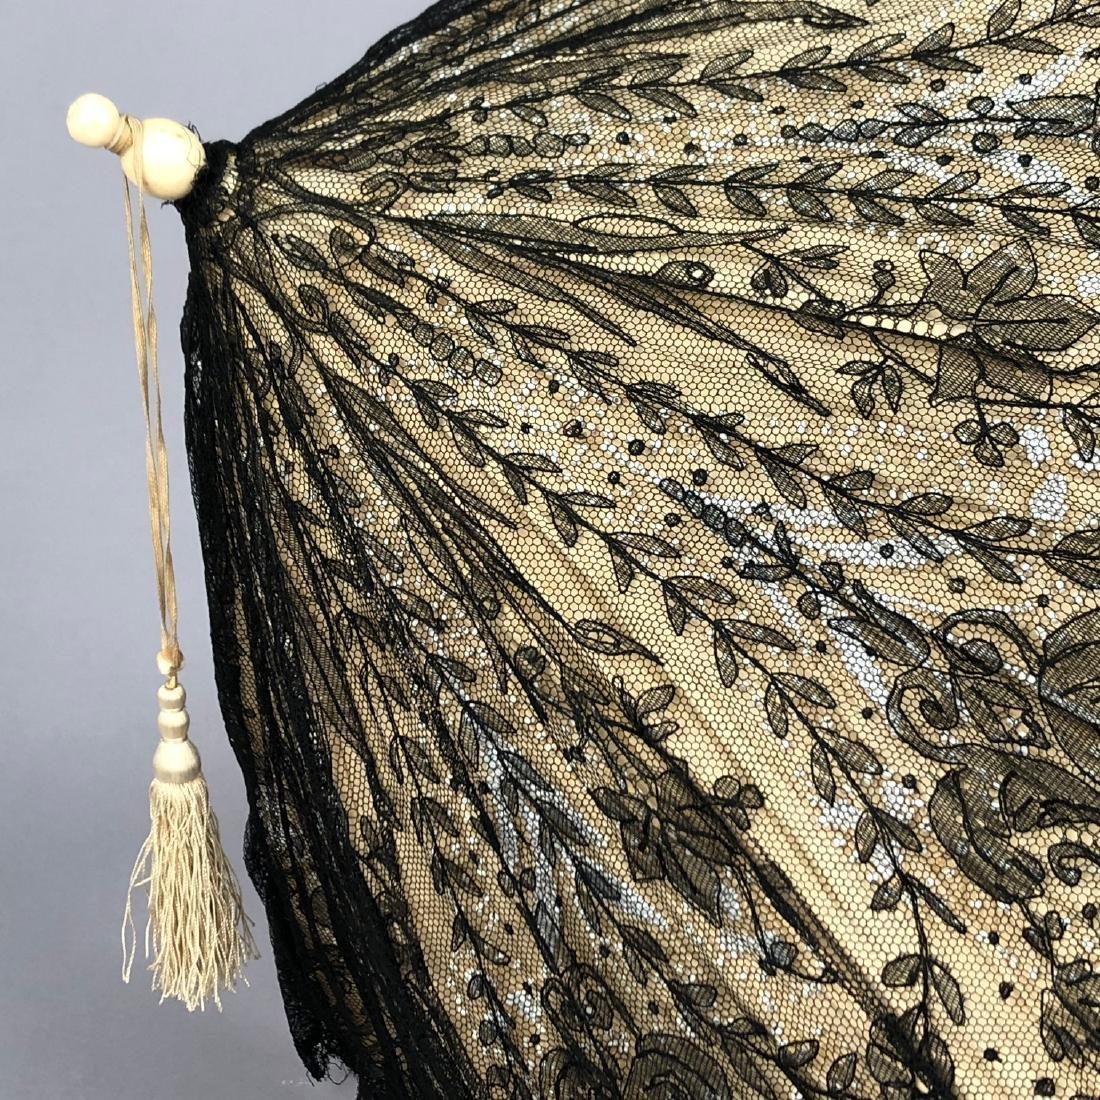 CHANTILLY LACE PARASOL, QUEEN VICTORIA, 1865 - 1875 - 2